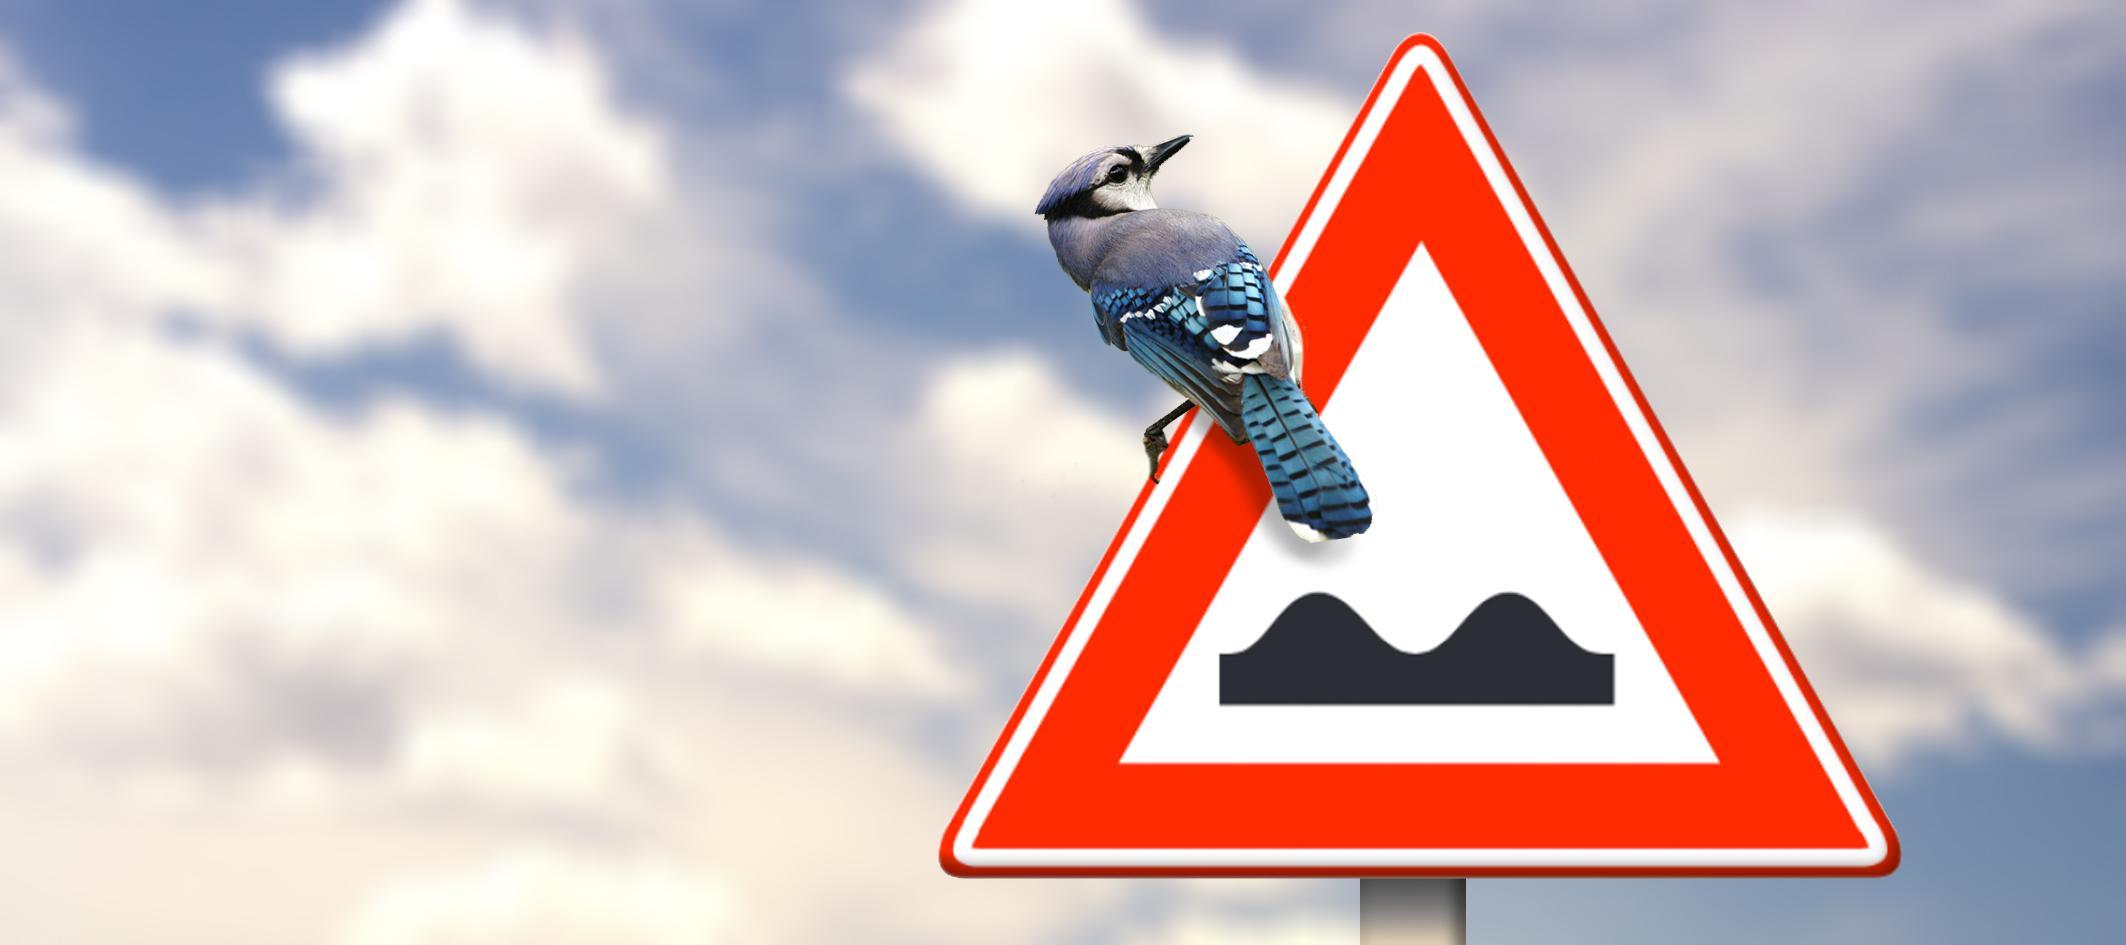 Is het verkeersbord 'slecht wegdek' vrijbrief om niets te repareren?